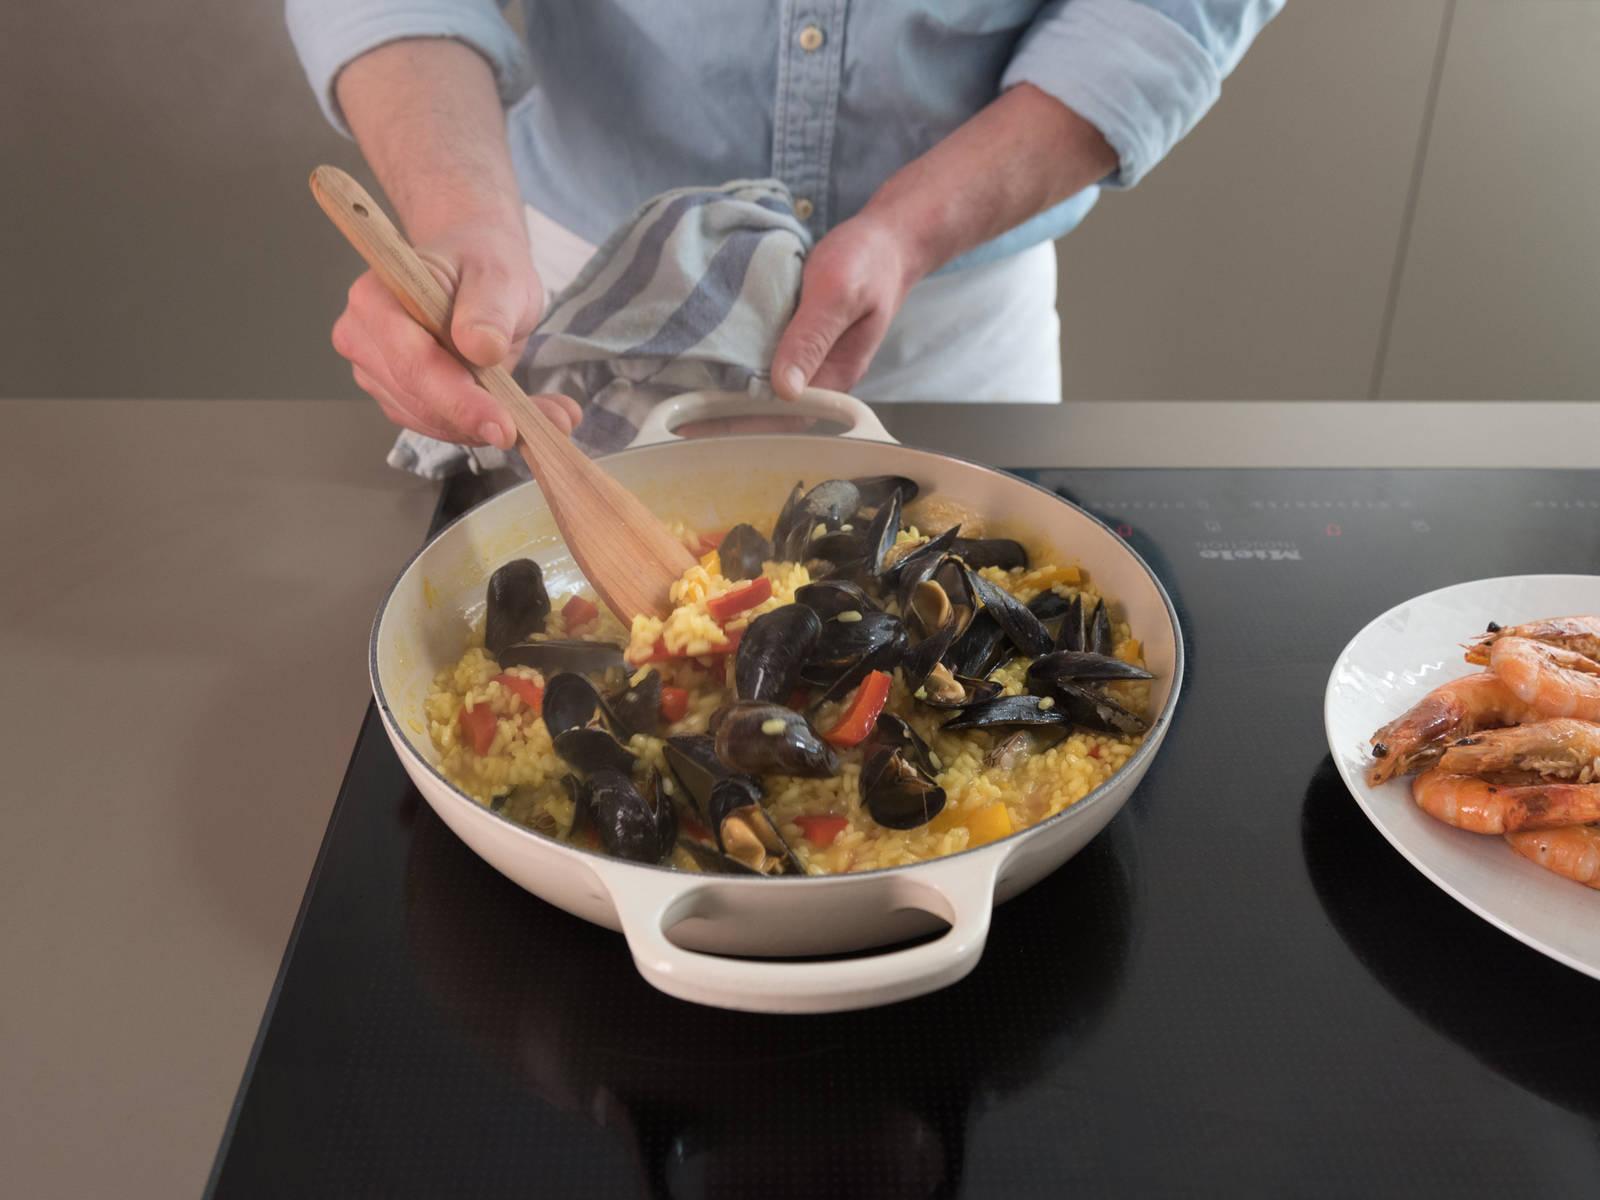 Herd auf kleine bis mittlerer Hitze zurückdrehen und köcheln lassen, bis fast die komplette Flüssigkeit vom Reis aufgesogen wurde. Muscheln hinzugeben und ca. 5 Min. abgedeckt garen lassen. Danach Garnelen und Tintenfisch dazugeben und ohne Deckel ca. 5 Min. weiterköcheln, oder bis die komplette Flüssigkeit aufgesogen ist. Erbsen unterrühren.